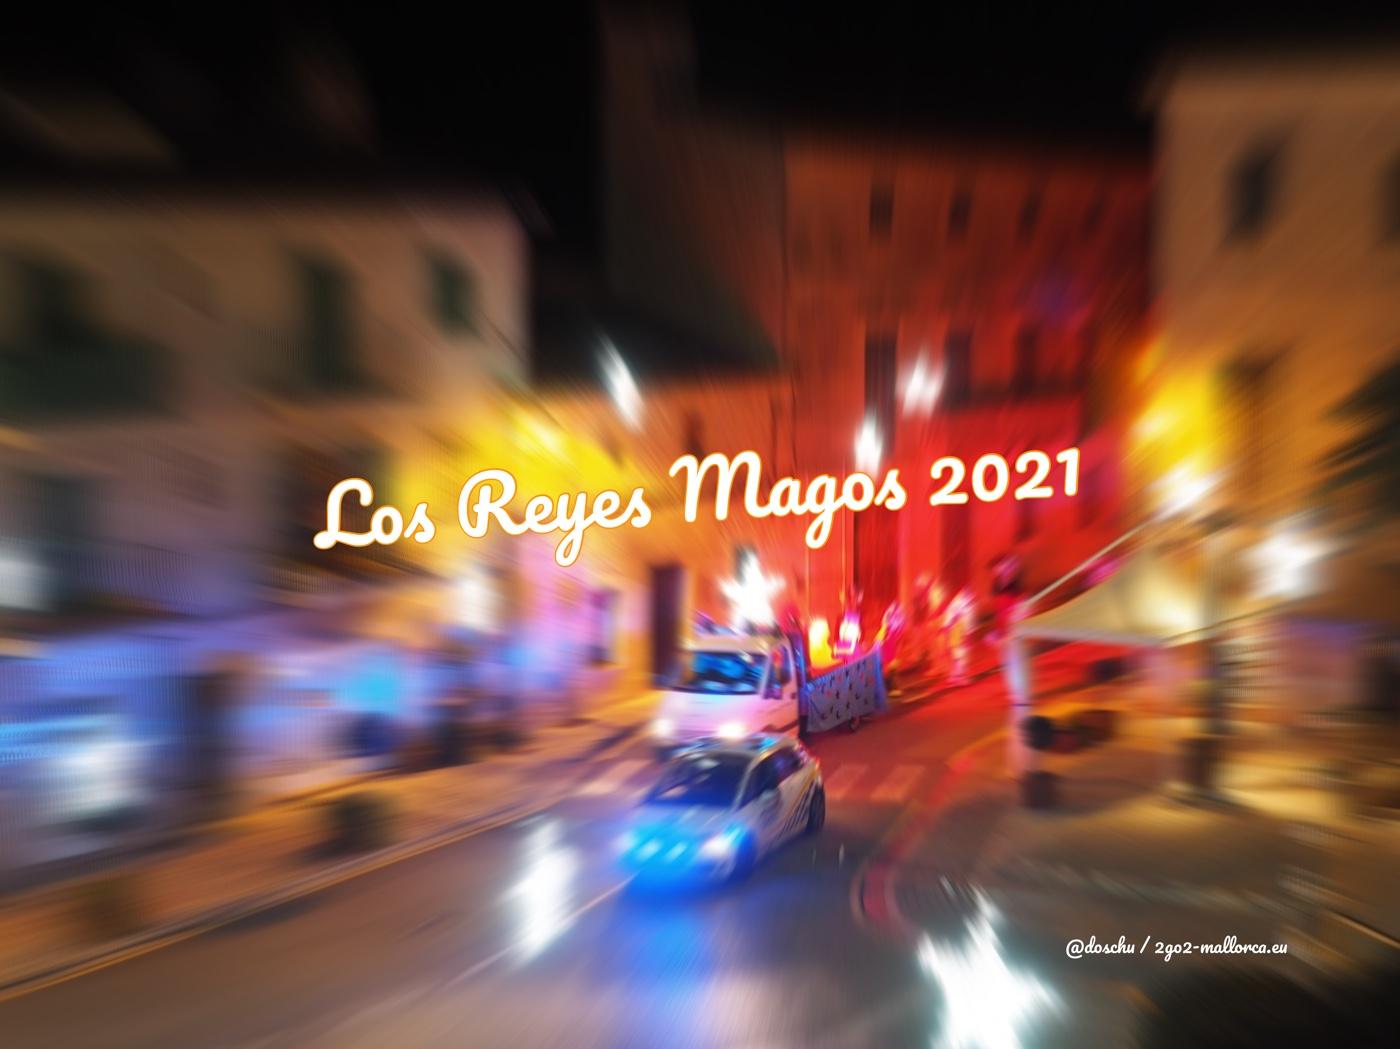 Foto vom Umzug der 3 magischen Könige in Santanyí, Mallorca - Los Reyes Magos